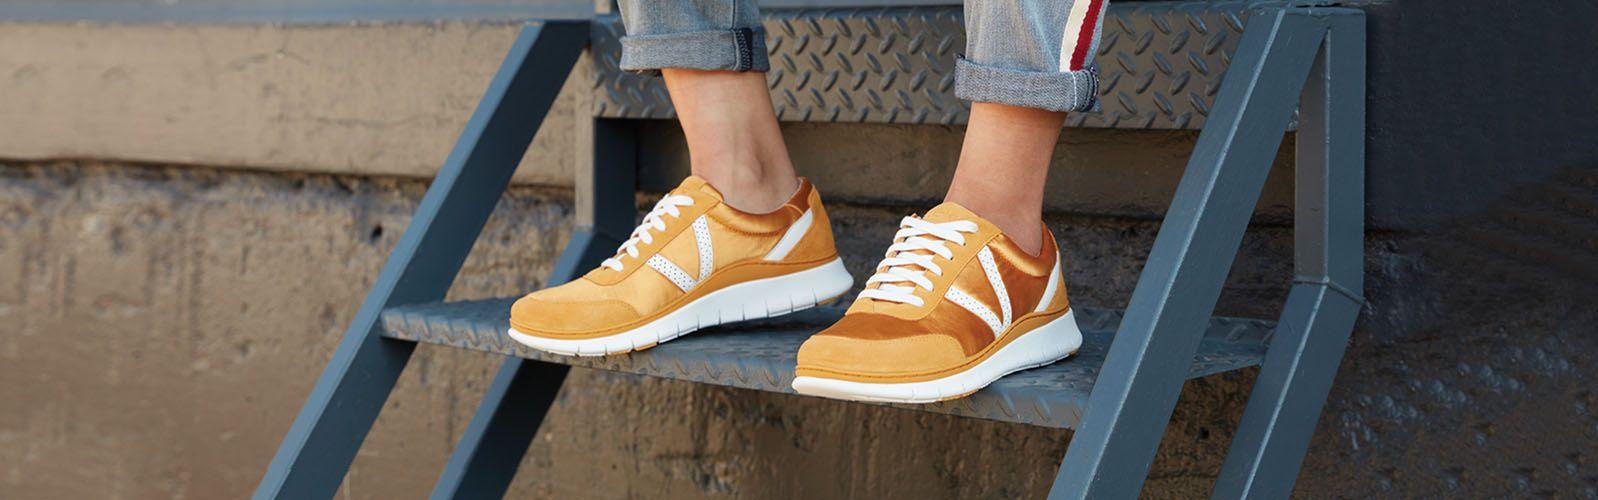 Vionic | Orthotic Shoes \u0026 Boots - QVC UK